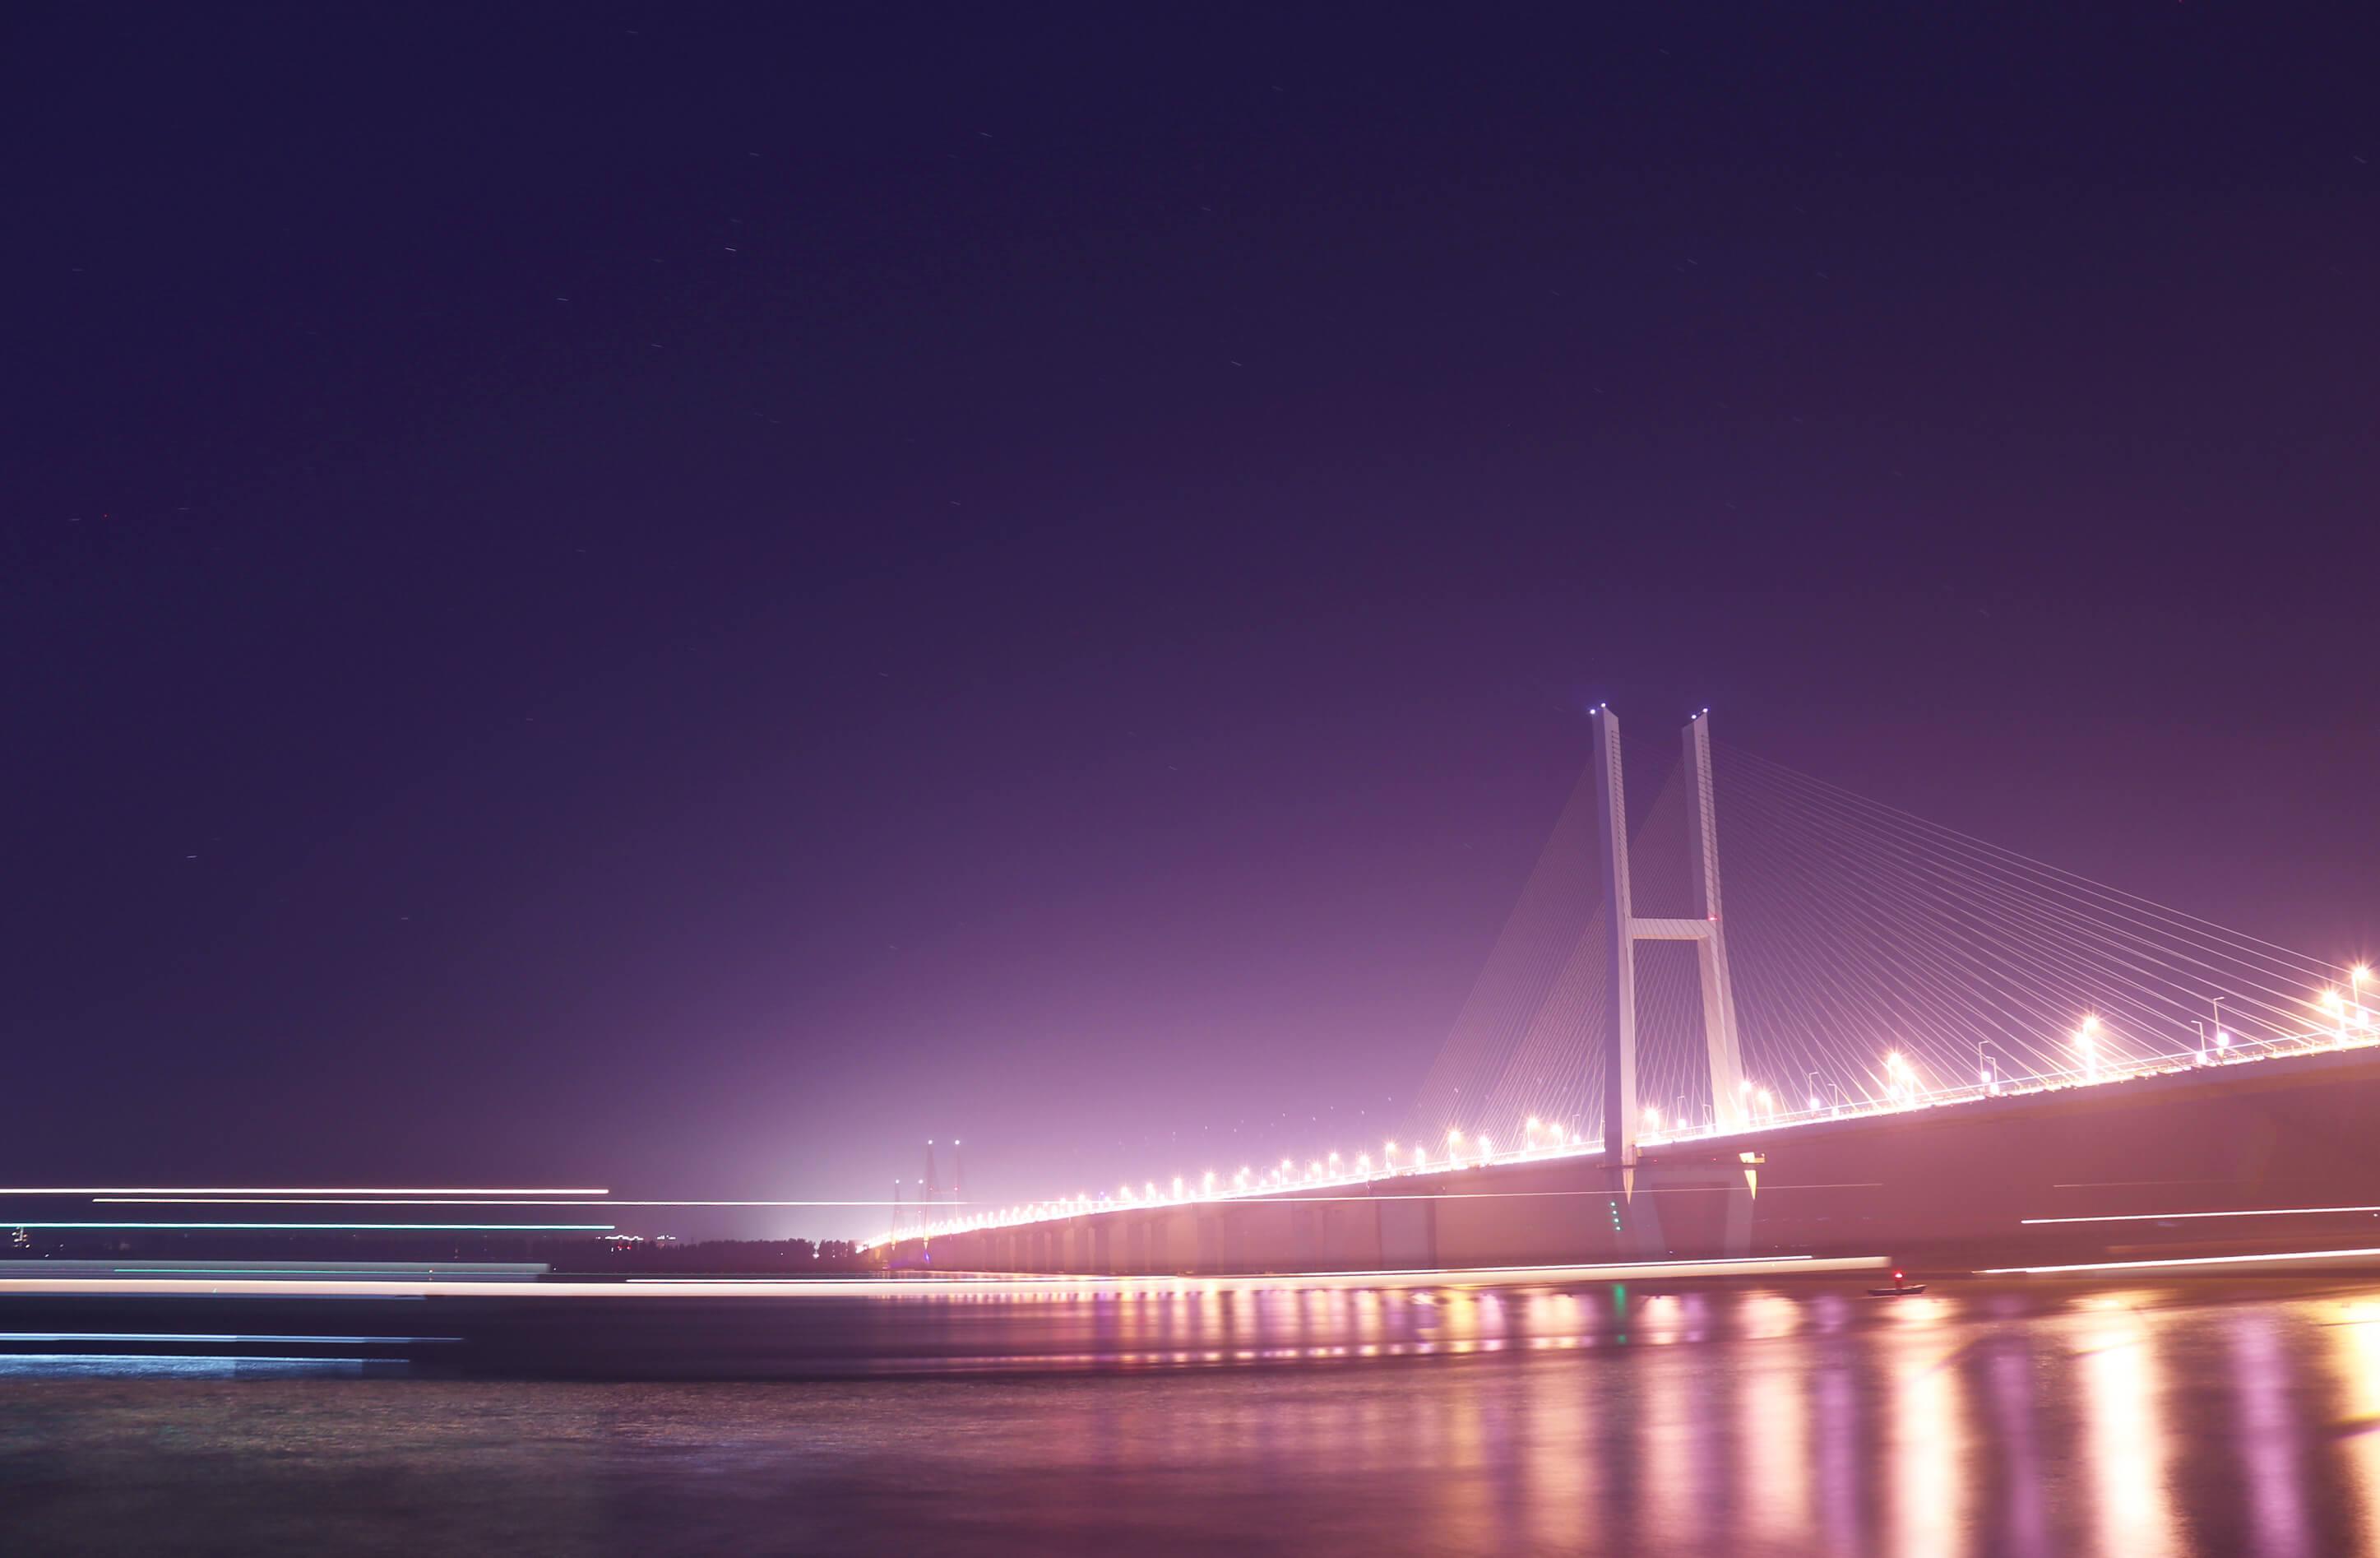 荆州长江大桥(2018-05-12)